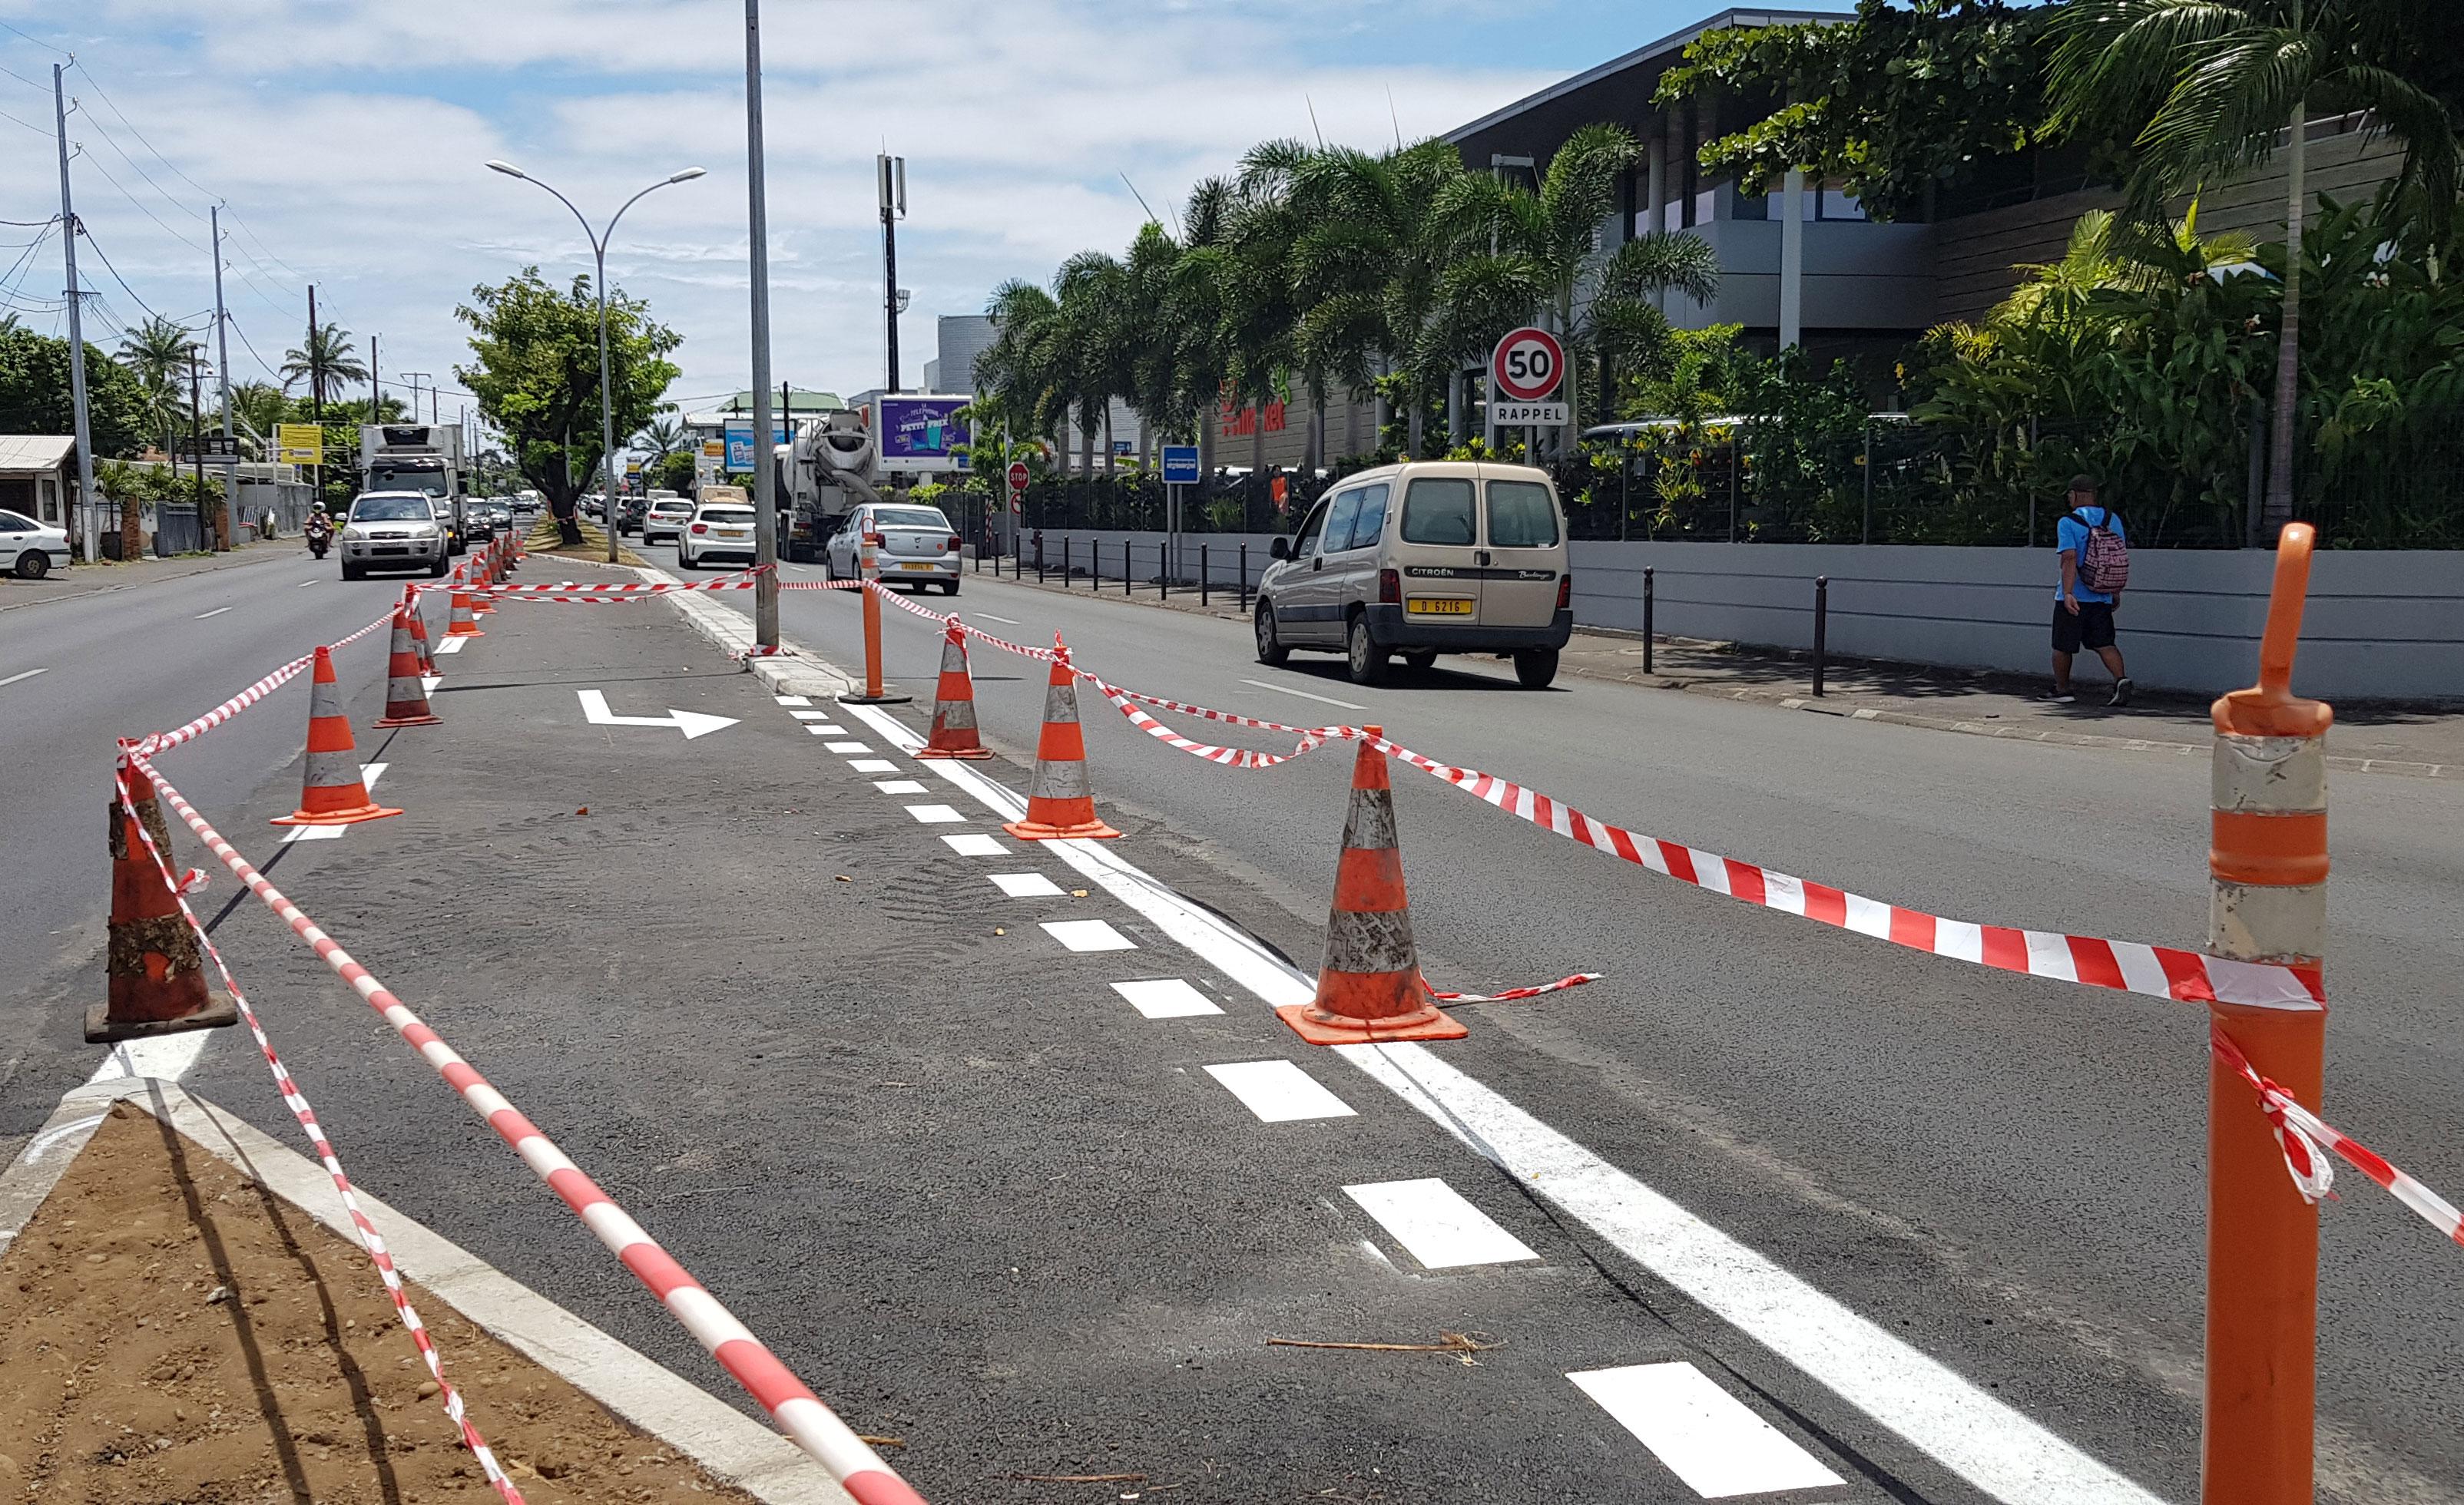 Ce nouveau tourne-à-gauche doit permettre de se rendre plus aisément dans le quartier de Mamao.